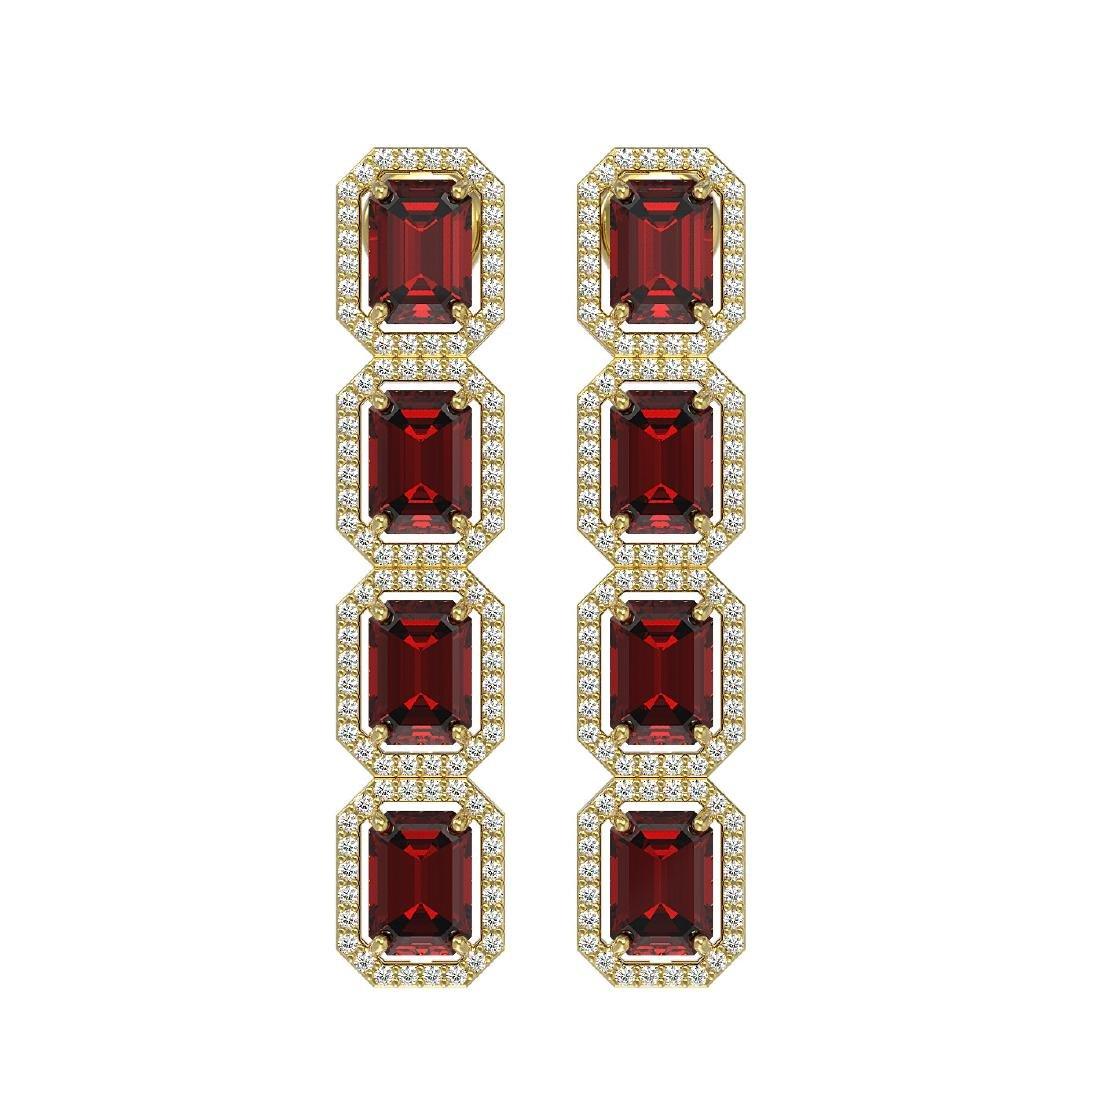 12.73 CTW Garnet & Diamond Halo Earrings 10K Yellow